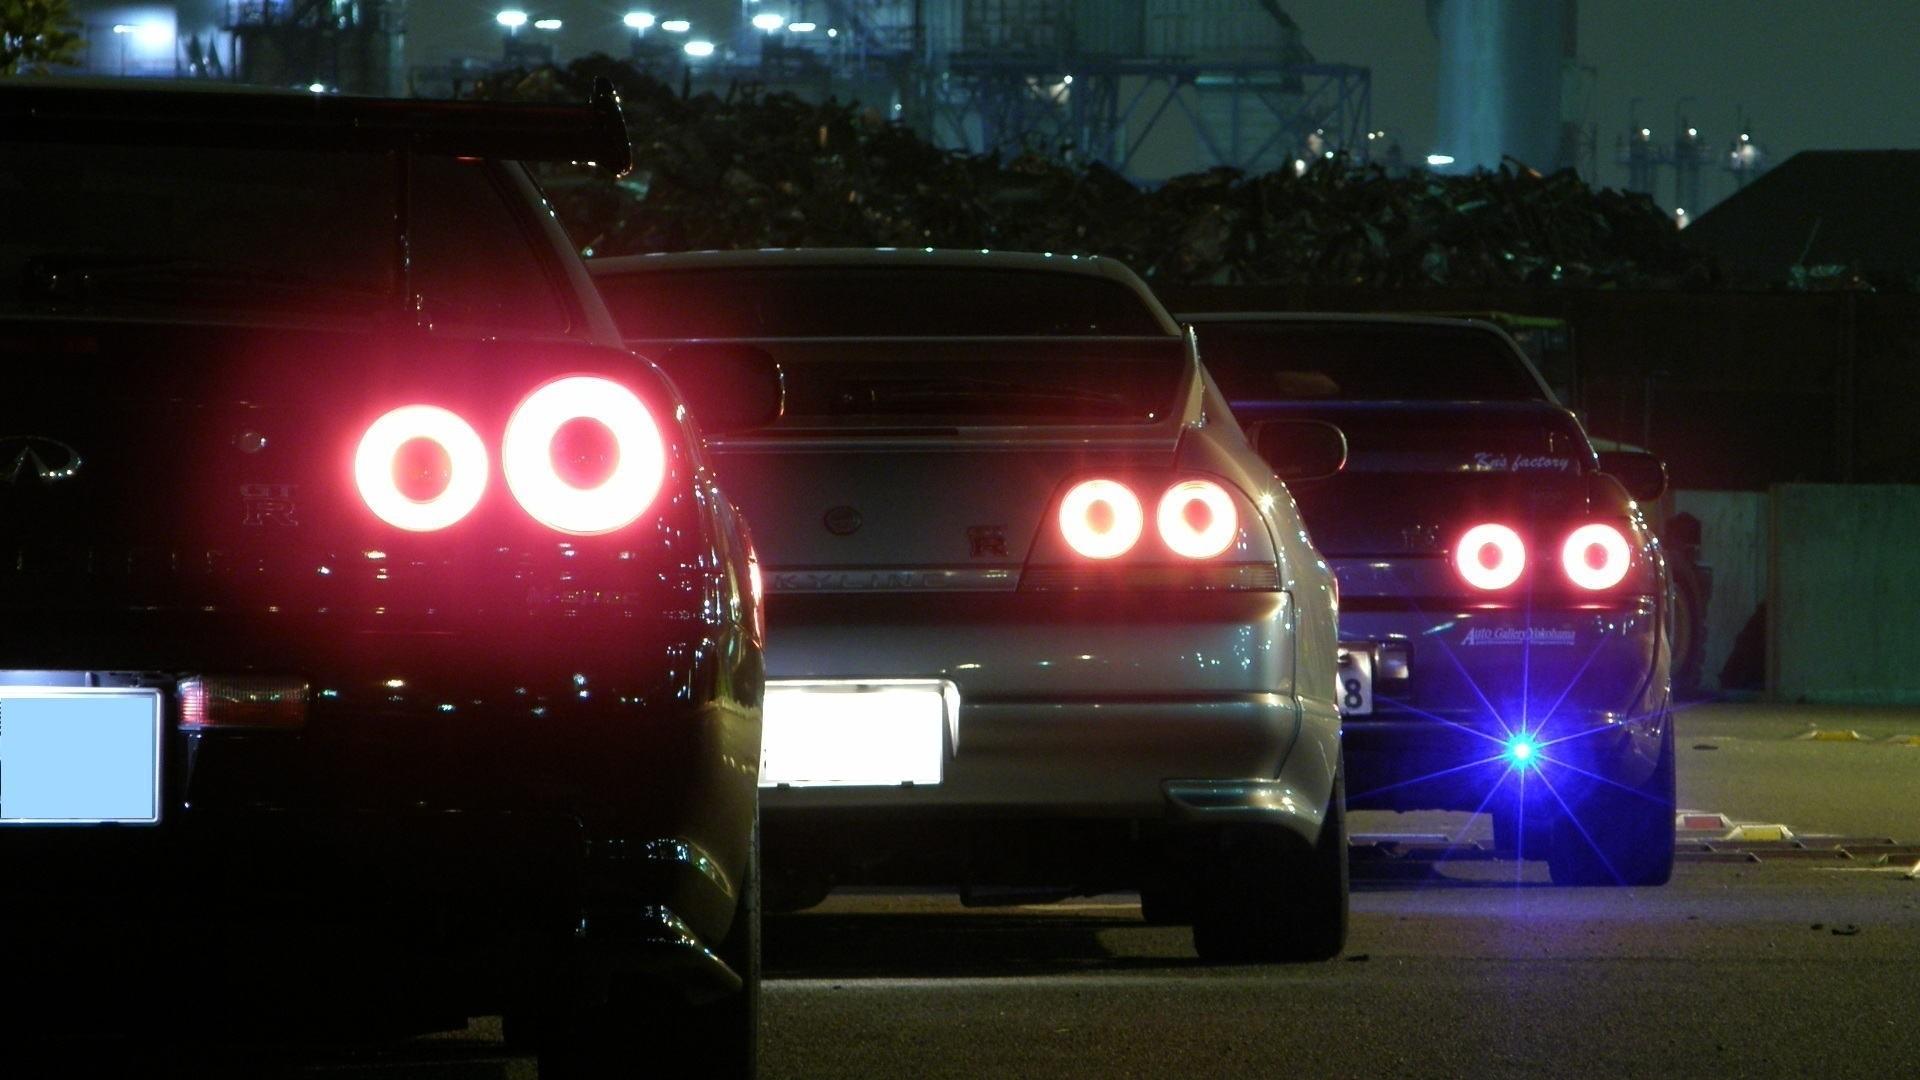 1920x1080 Cars Backview Vehicles Nissan Skyline R32 Gtr Jdm Nissan Skyline  R33 Gtr 1920x1080 Tuning Wallpaper